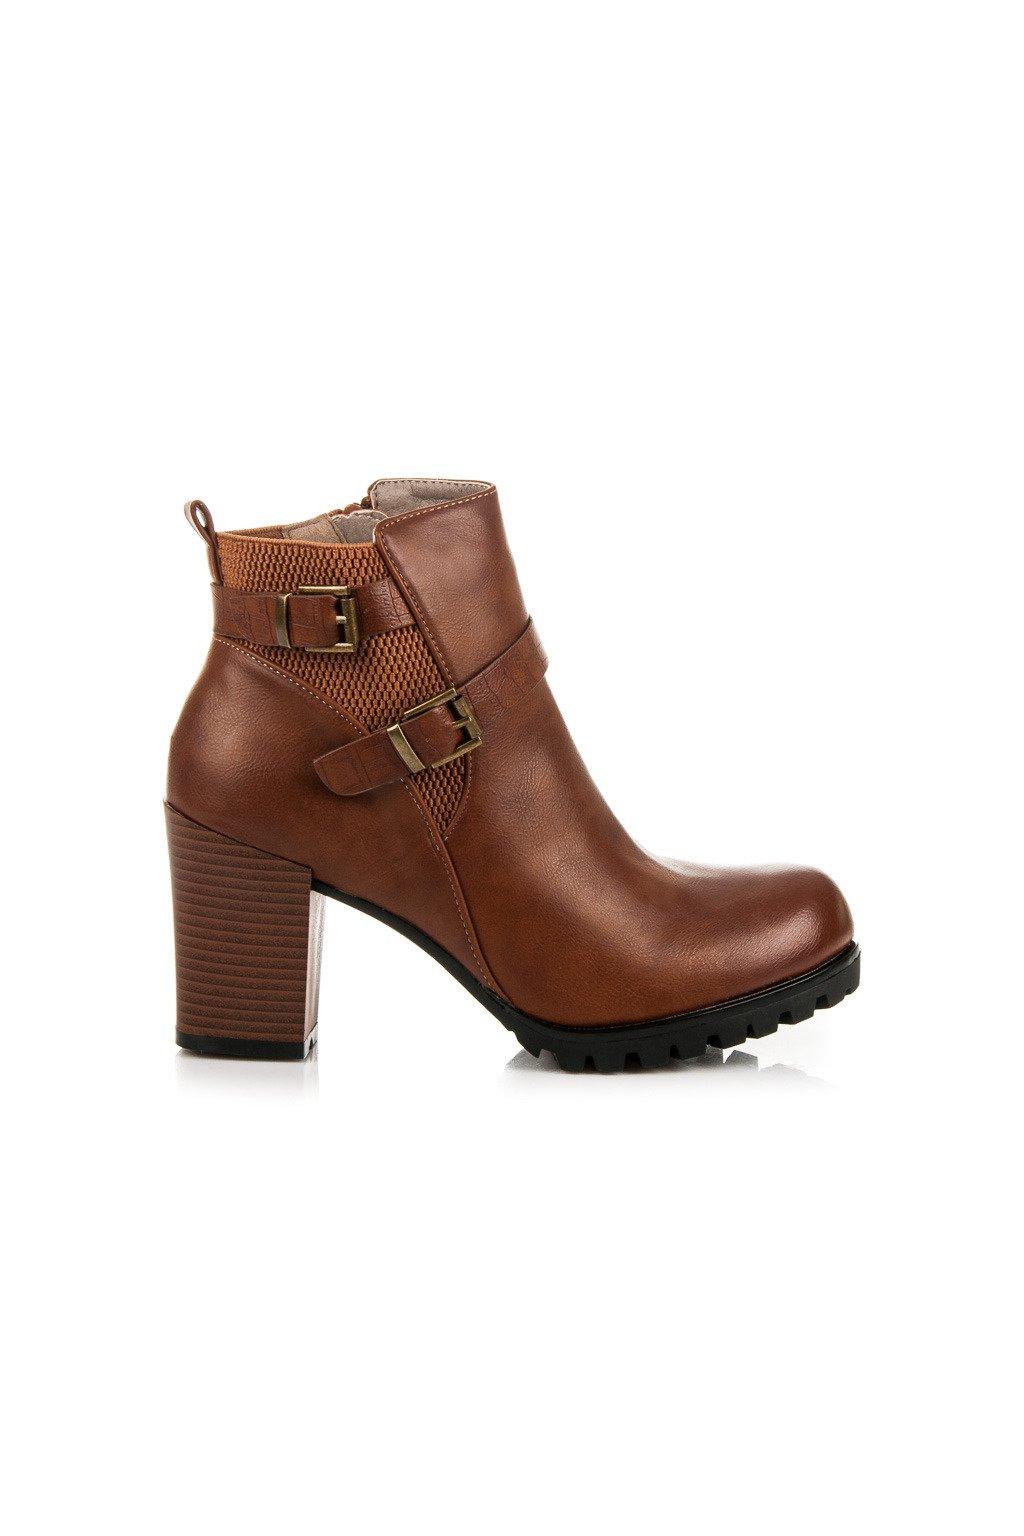 Elegantné topánky na stĺpovom podpätku hnedé A501C  c5a36752c40